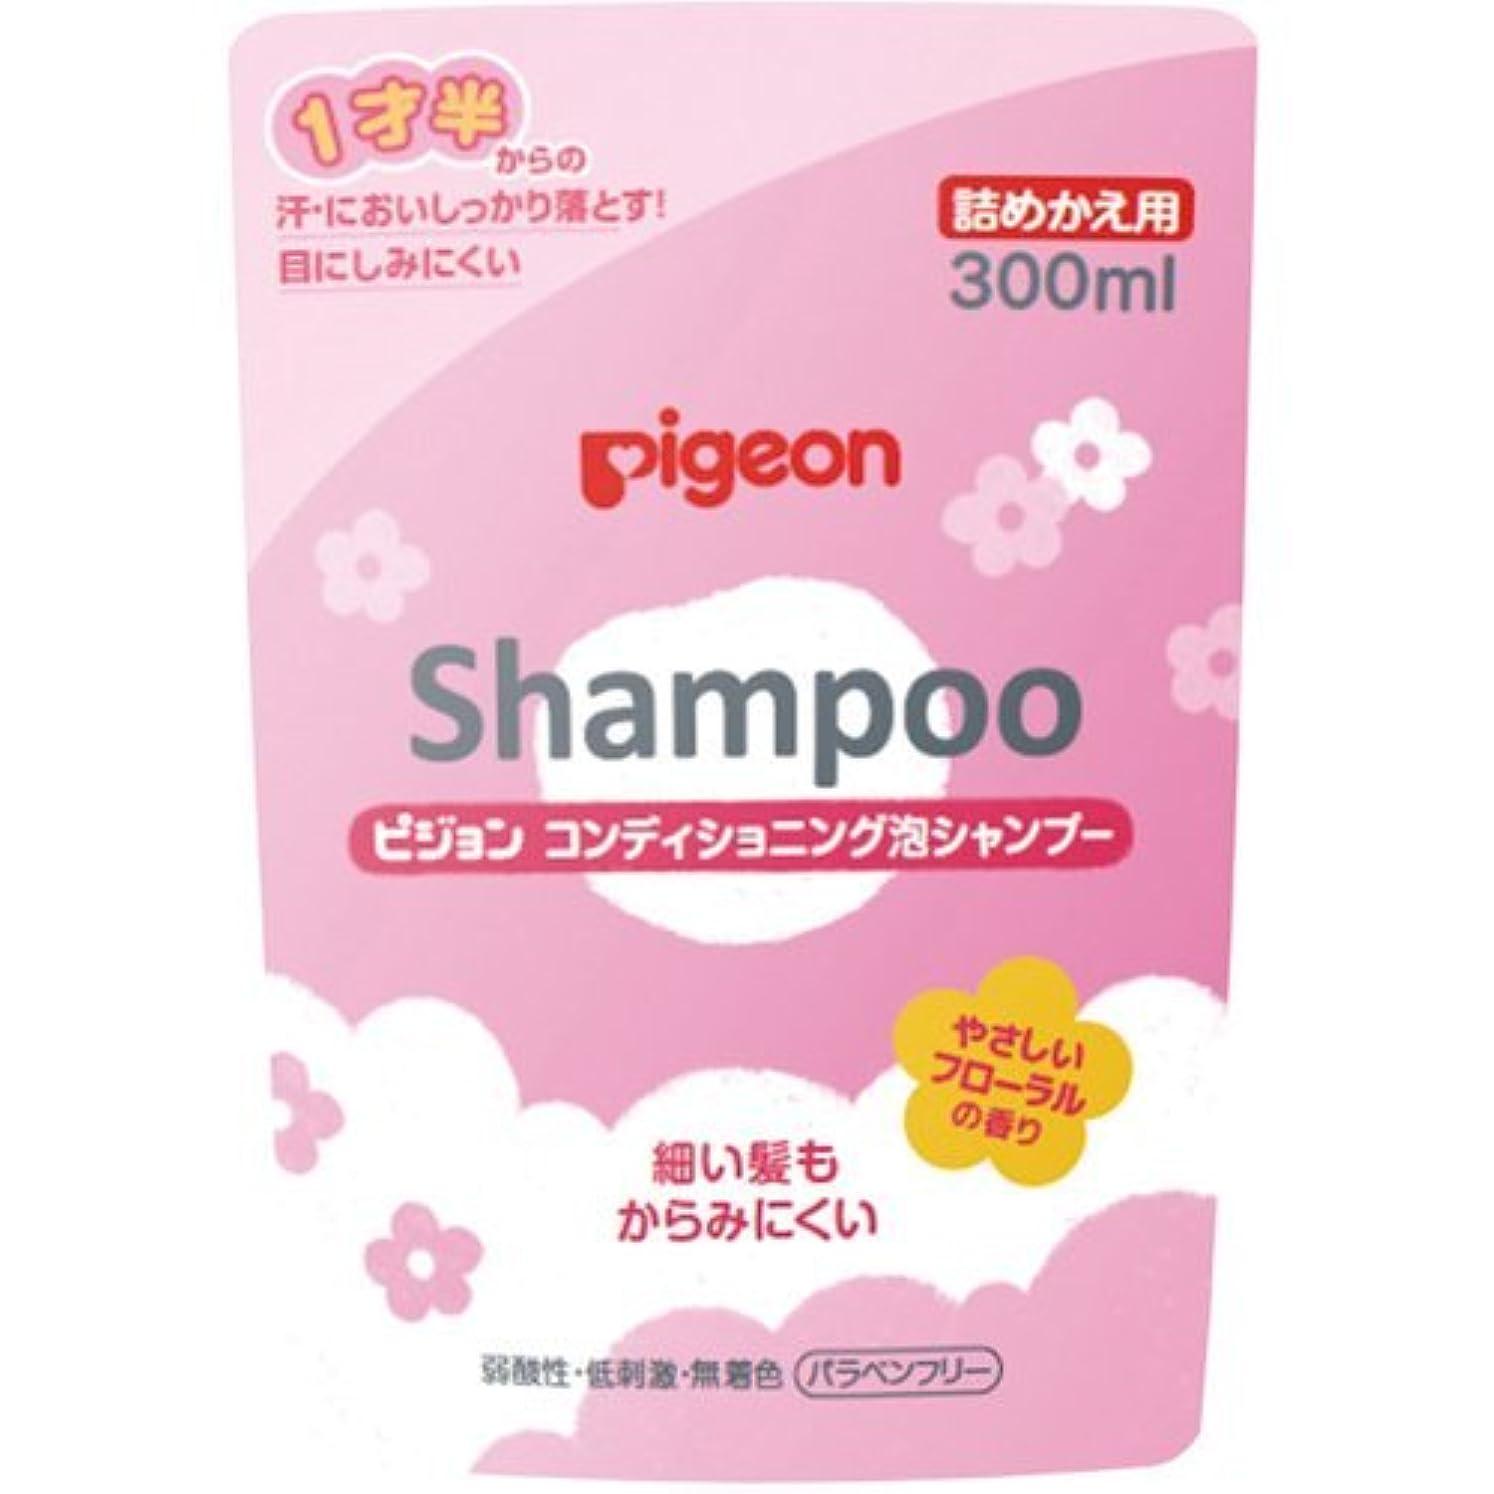 提供すべき掘るピジョン コンディショニング泡シャンプー やさしいフローラルの香り 詰めかえ用 300ml